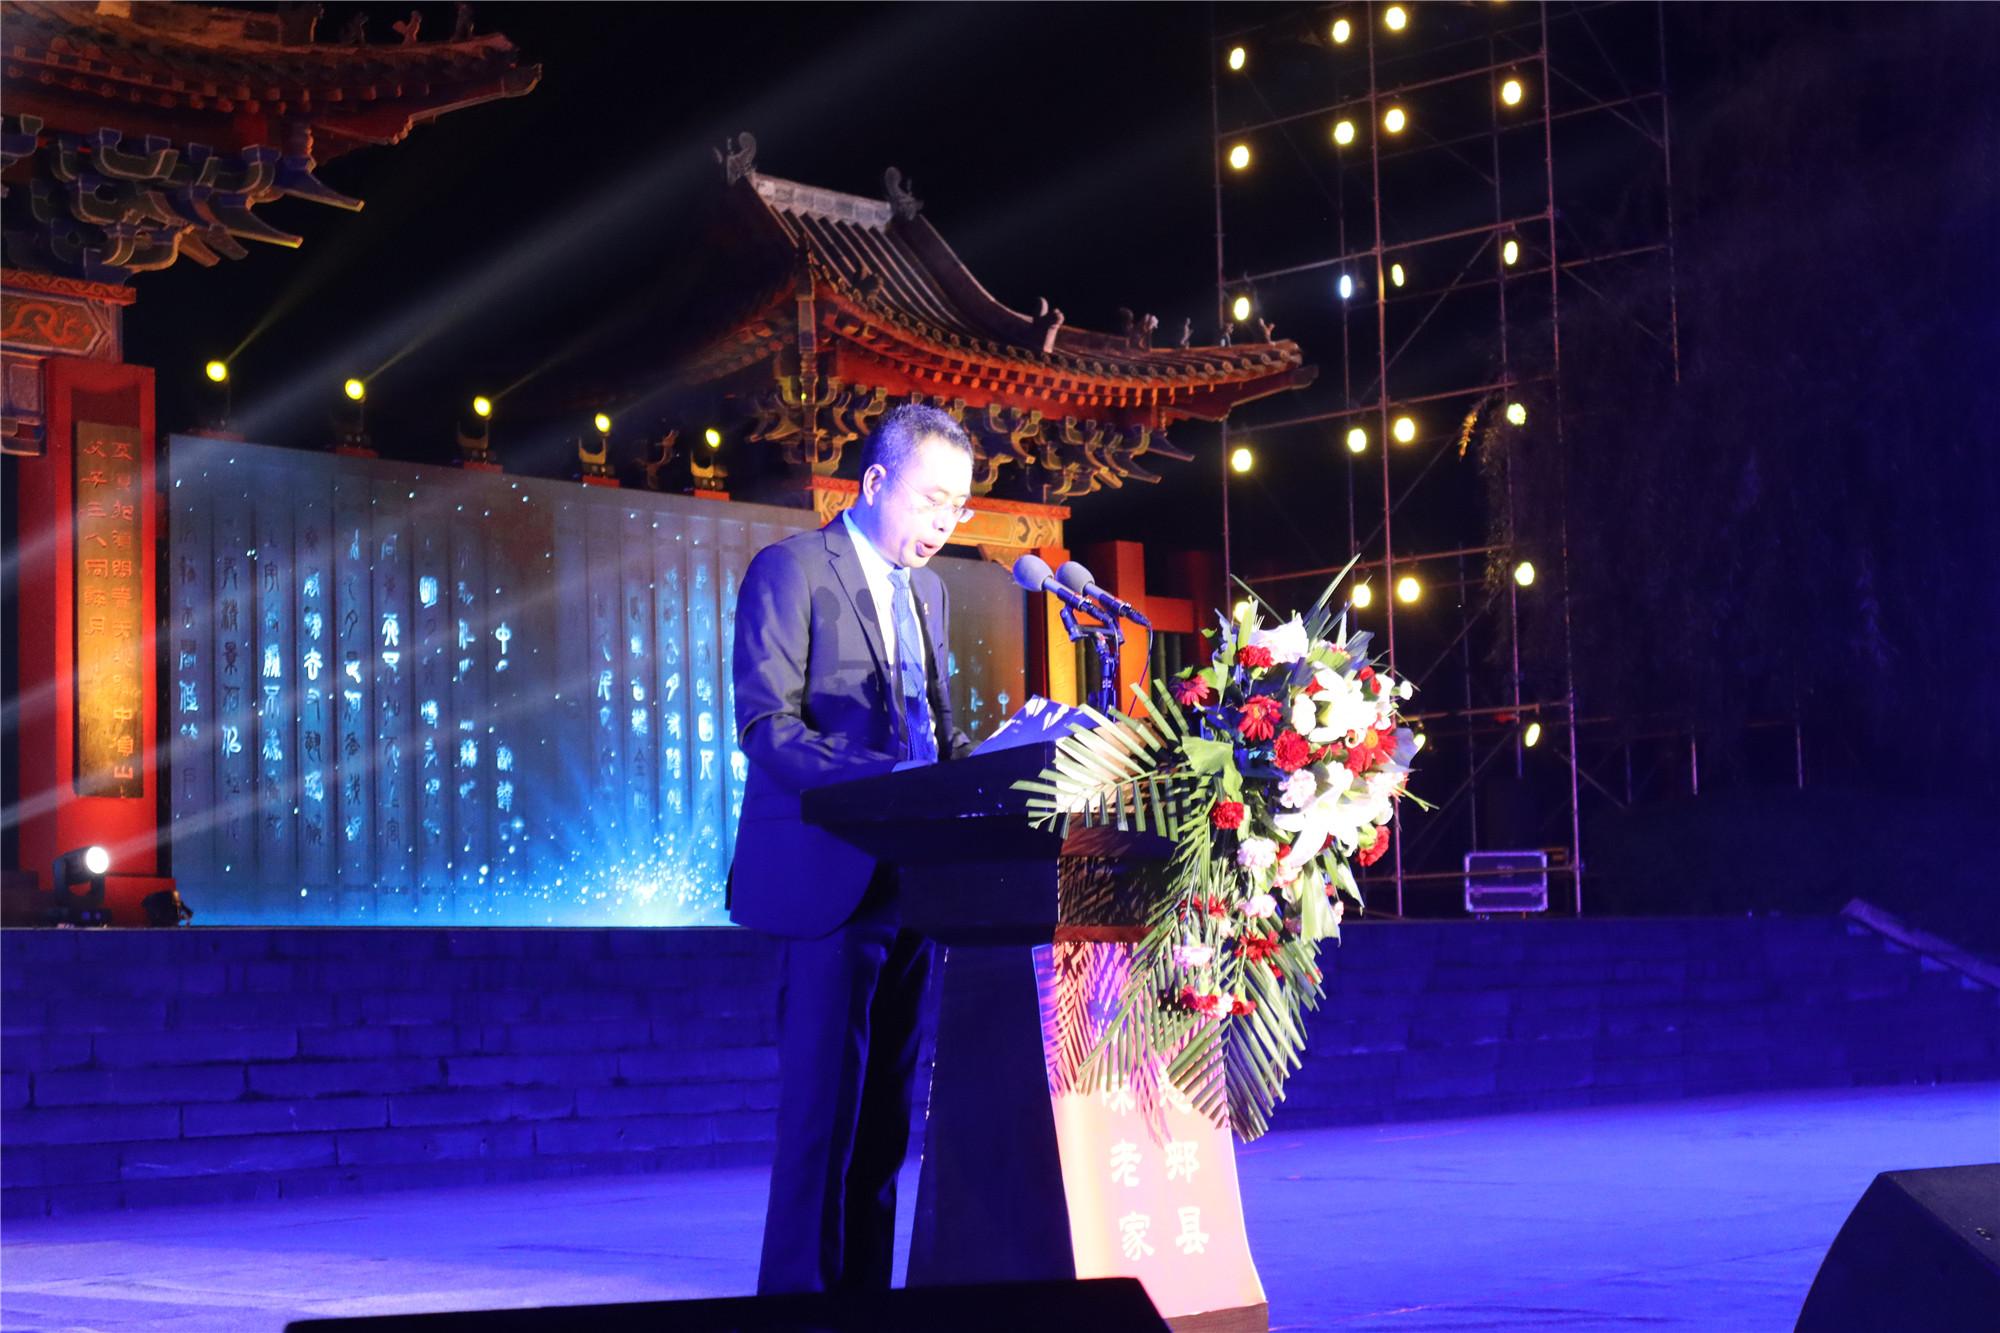 10月4日诗歌的力量——河南郏县第二届中国三苏文化诗词大会举行.4_副本.jpg